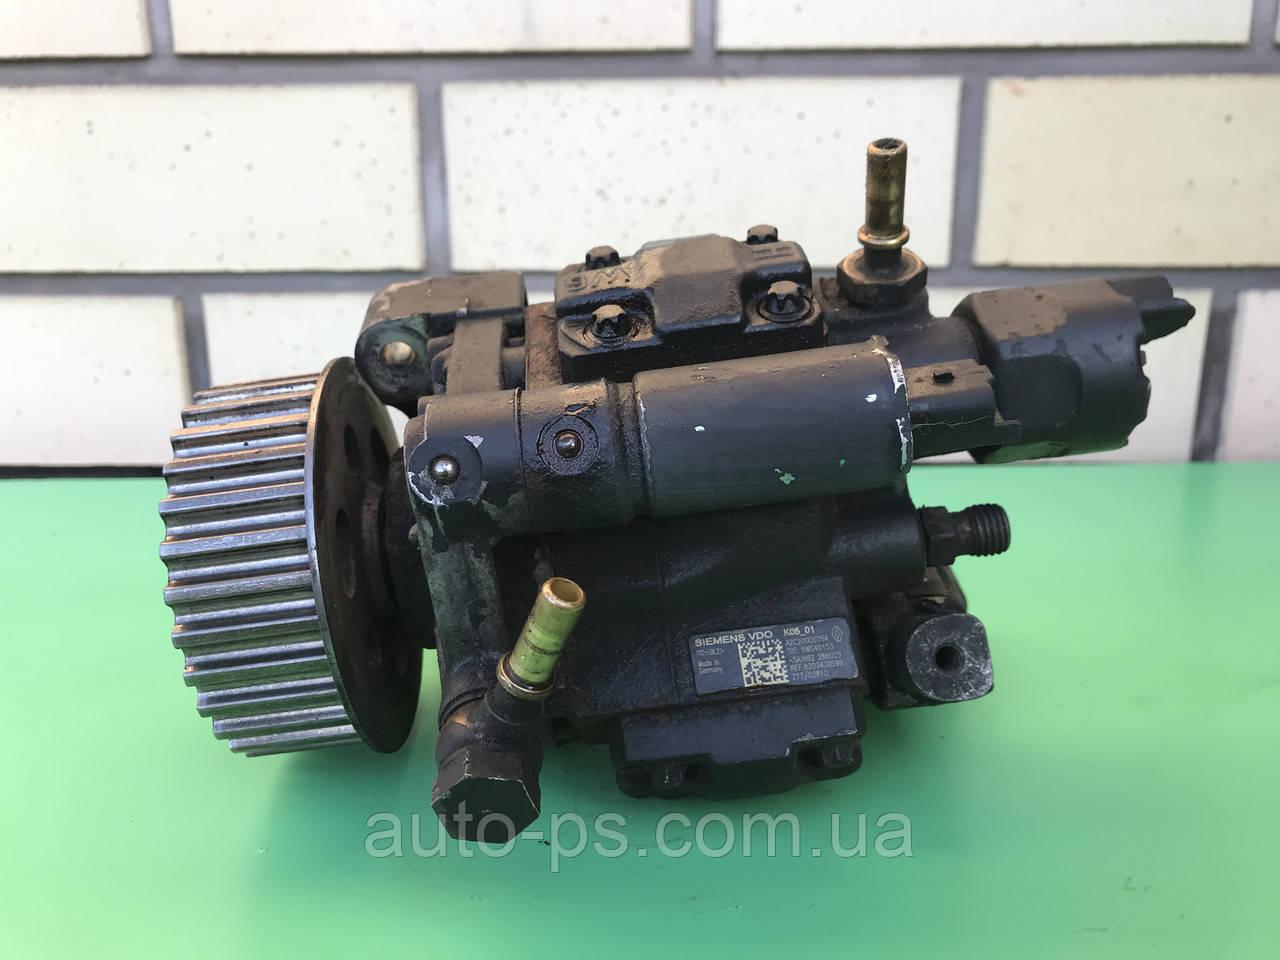 Топливный насос высокого давления (ТНВД) Renault Scenic II 1.5dCi